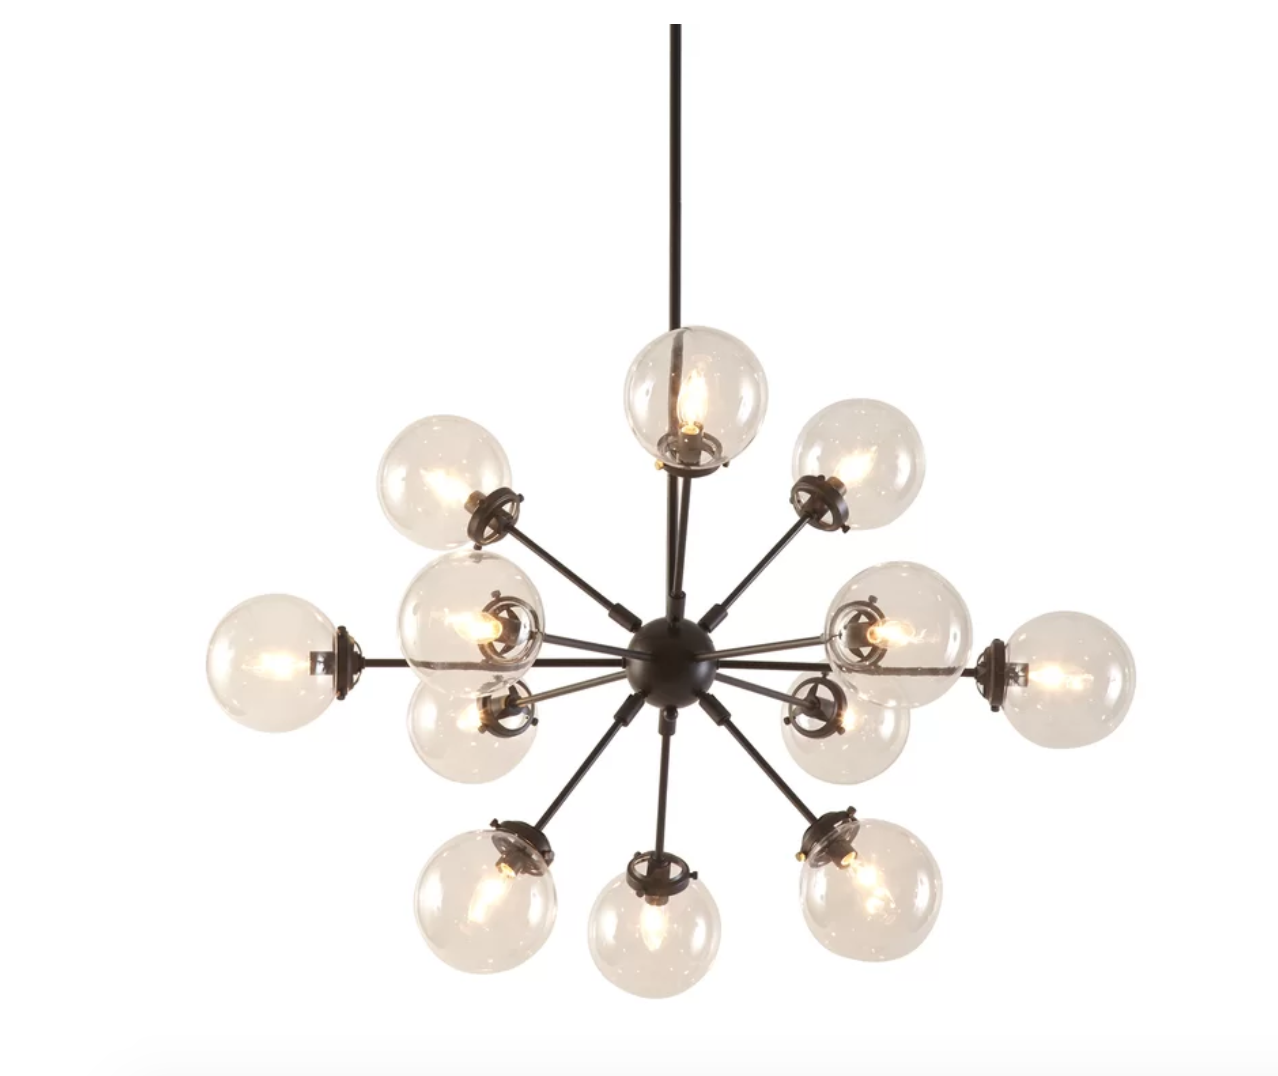 Benites 12-Light Sputnik Chandelier